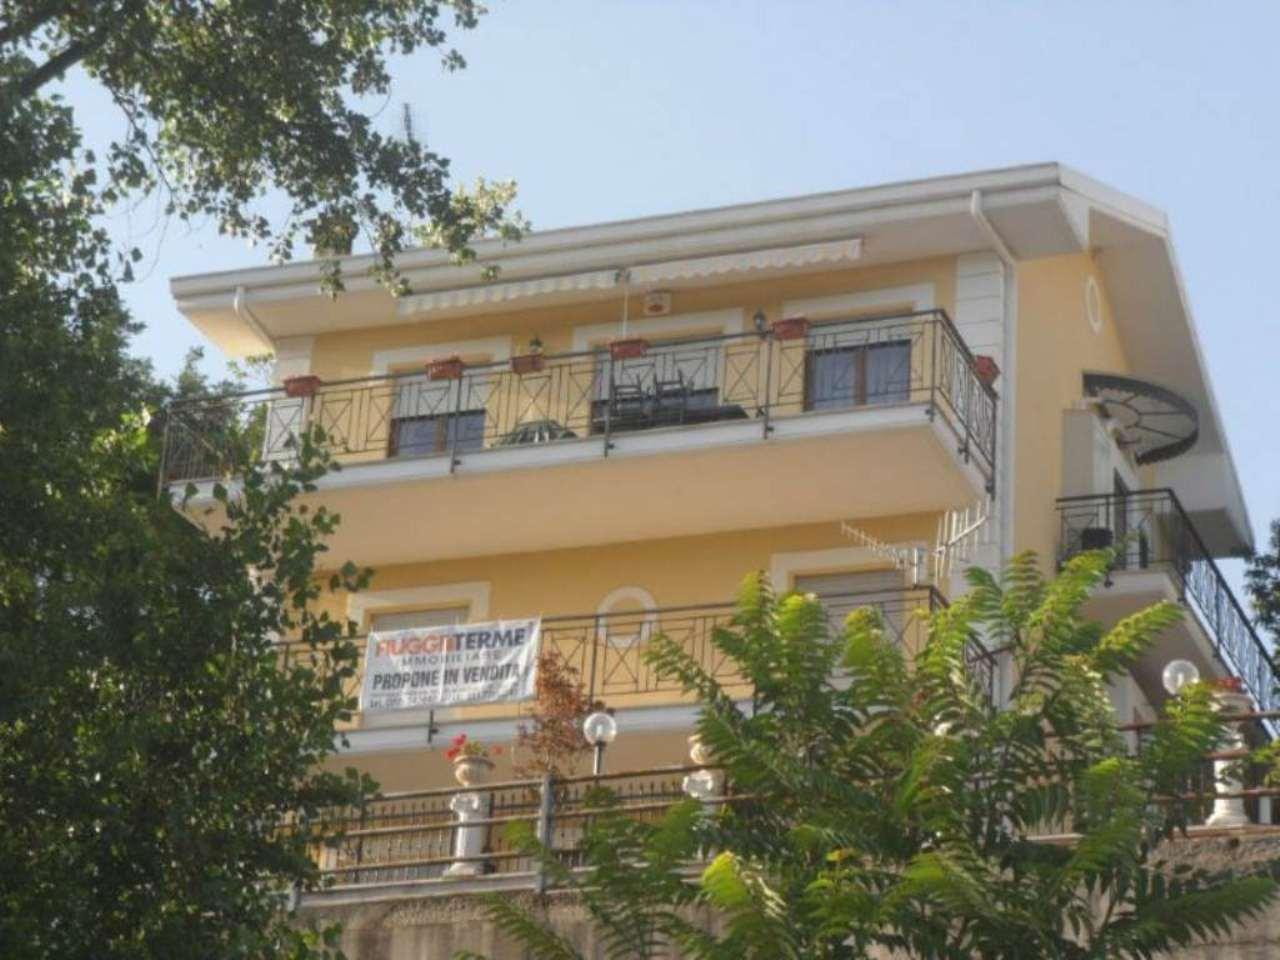 Appartamento in vendita a Fiuggi, 3 locali, prezzo € 115.000 | CambioCasa.it